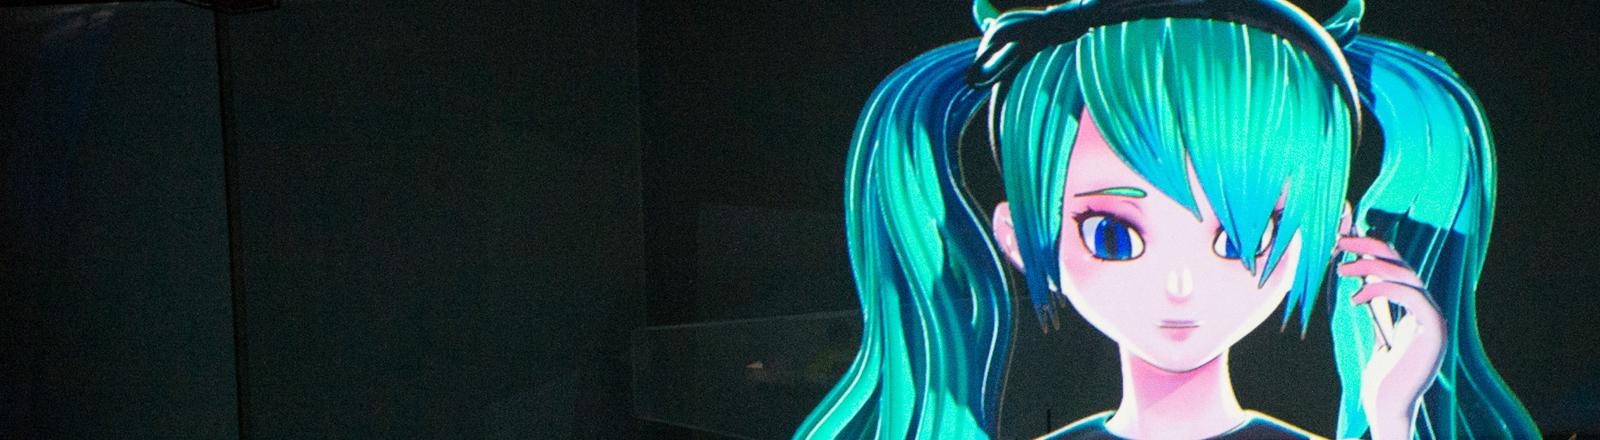 """Die computeranimierte Sängerin Hatsune Miku ist am 18.08.2016 in Hamburg während der Fotoprobe der Oper """"The End"""" auf der Leinwand zu sehen. Die Musik für das Stück komponierte Keichiiro Shibuya. Die Deutsche Erstaufführung findet am 18.08. statt. Foto: Daniel Reinhardt/dpa"""